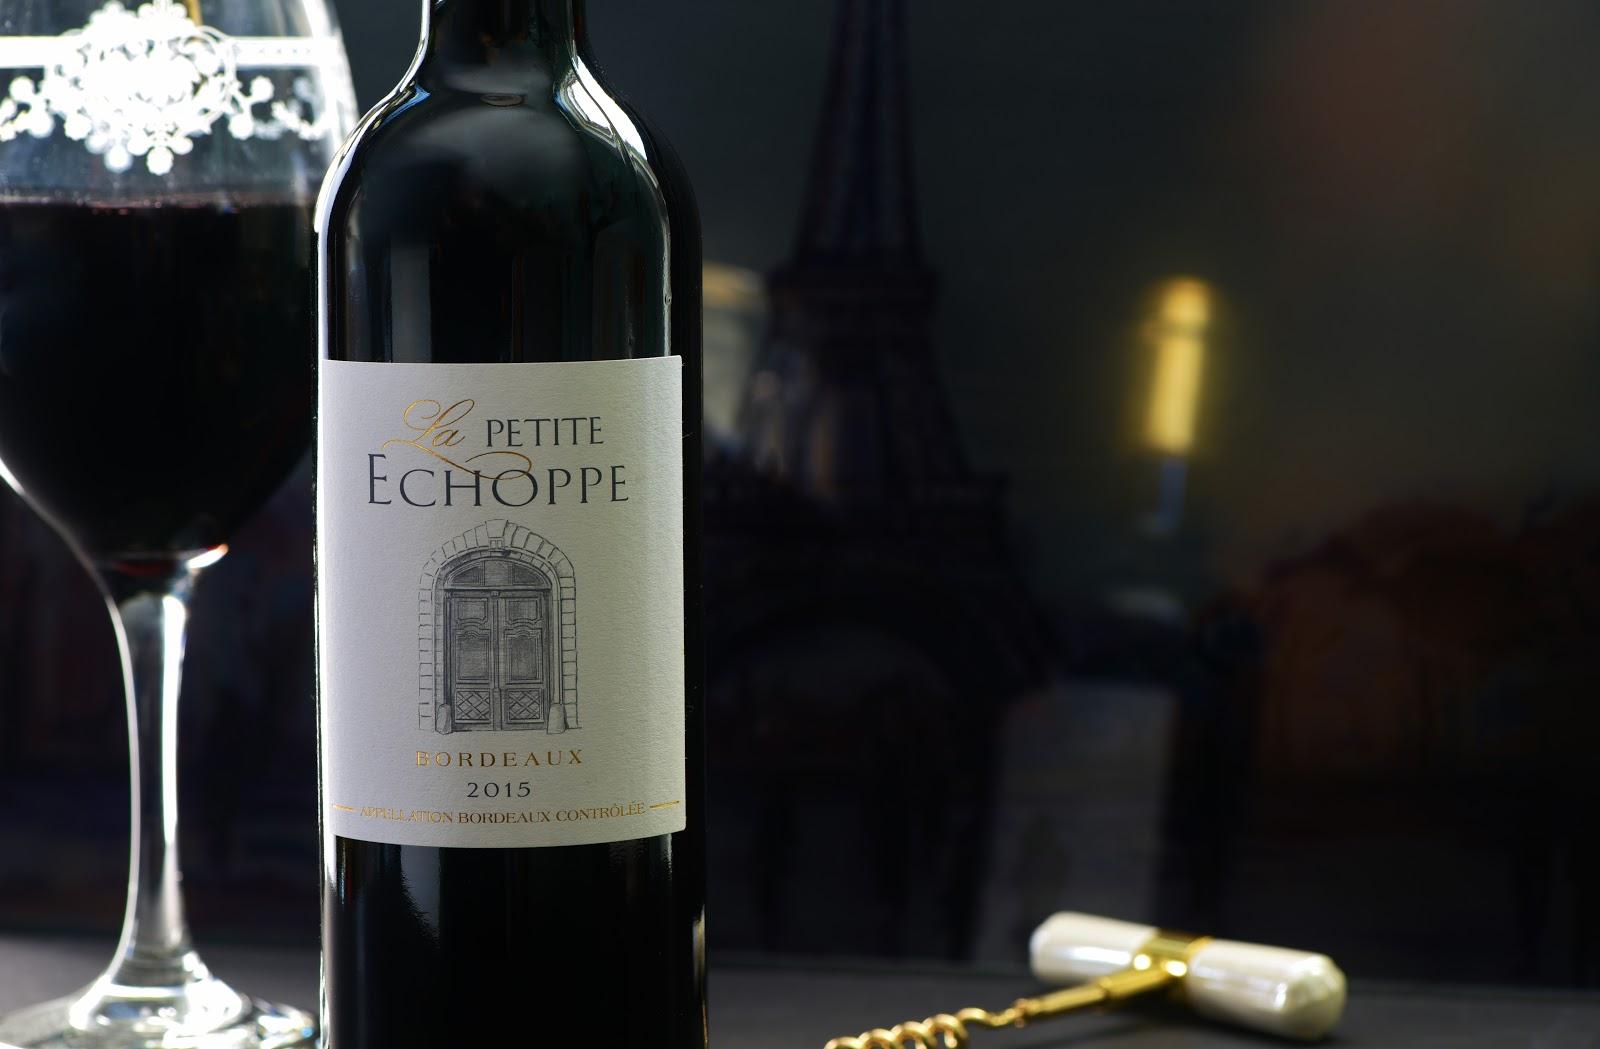 new hampshire wine man la petite echoppe 2015 bordeaux. Black Bedroom Furniture Sets. Home Design Ideas